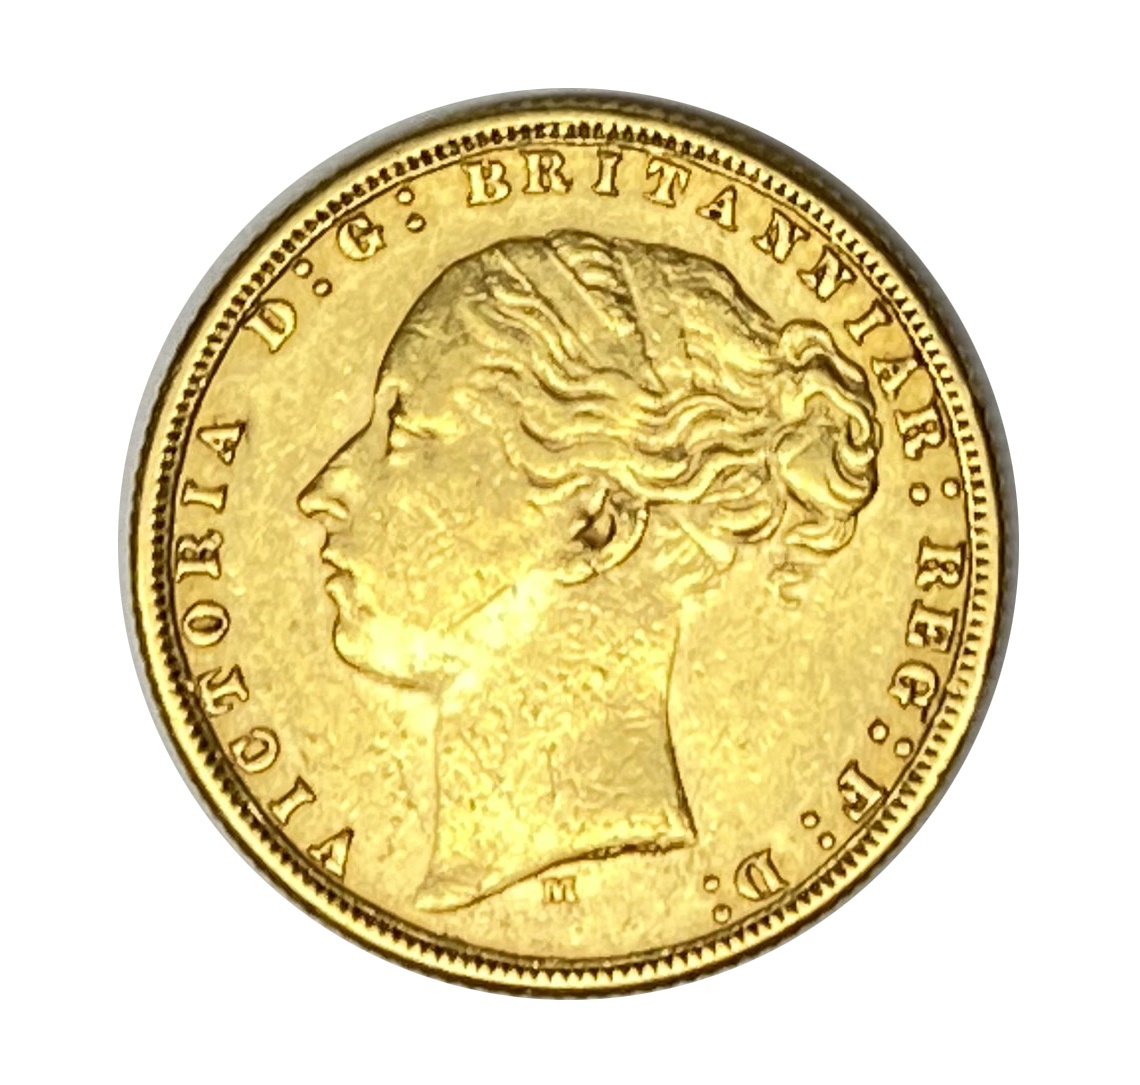 Queen Victoria gold Sovereign coin, 1876